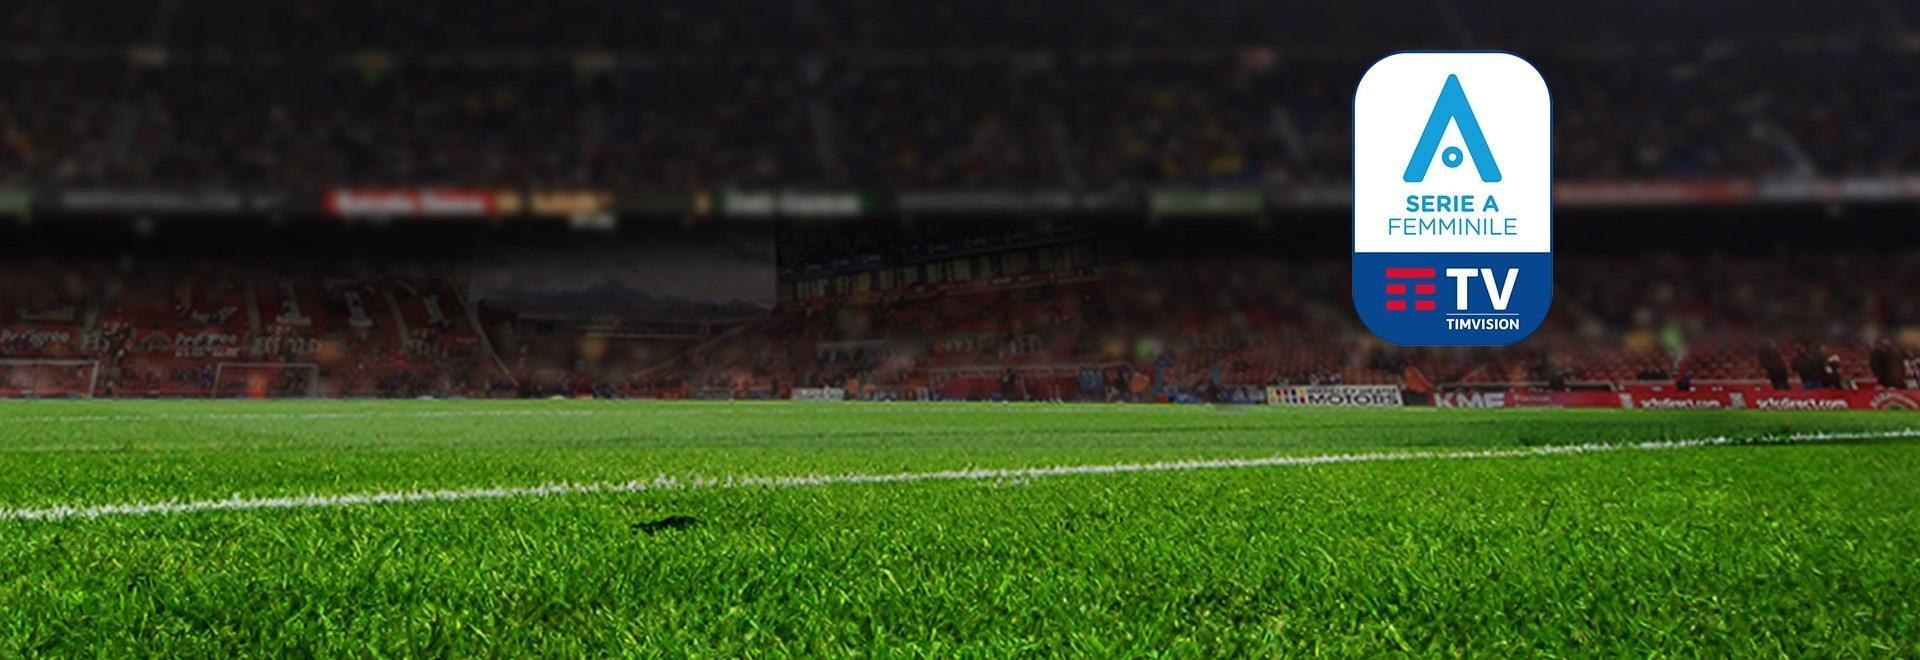 Inter - Fiorentina. 12a g.